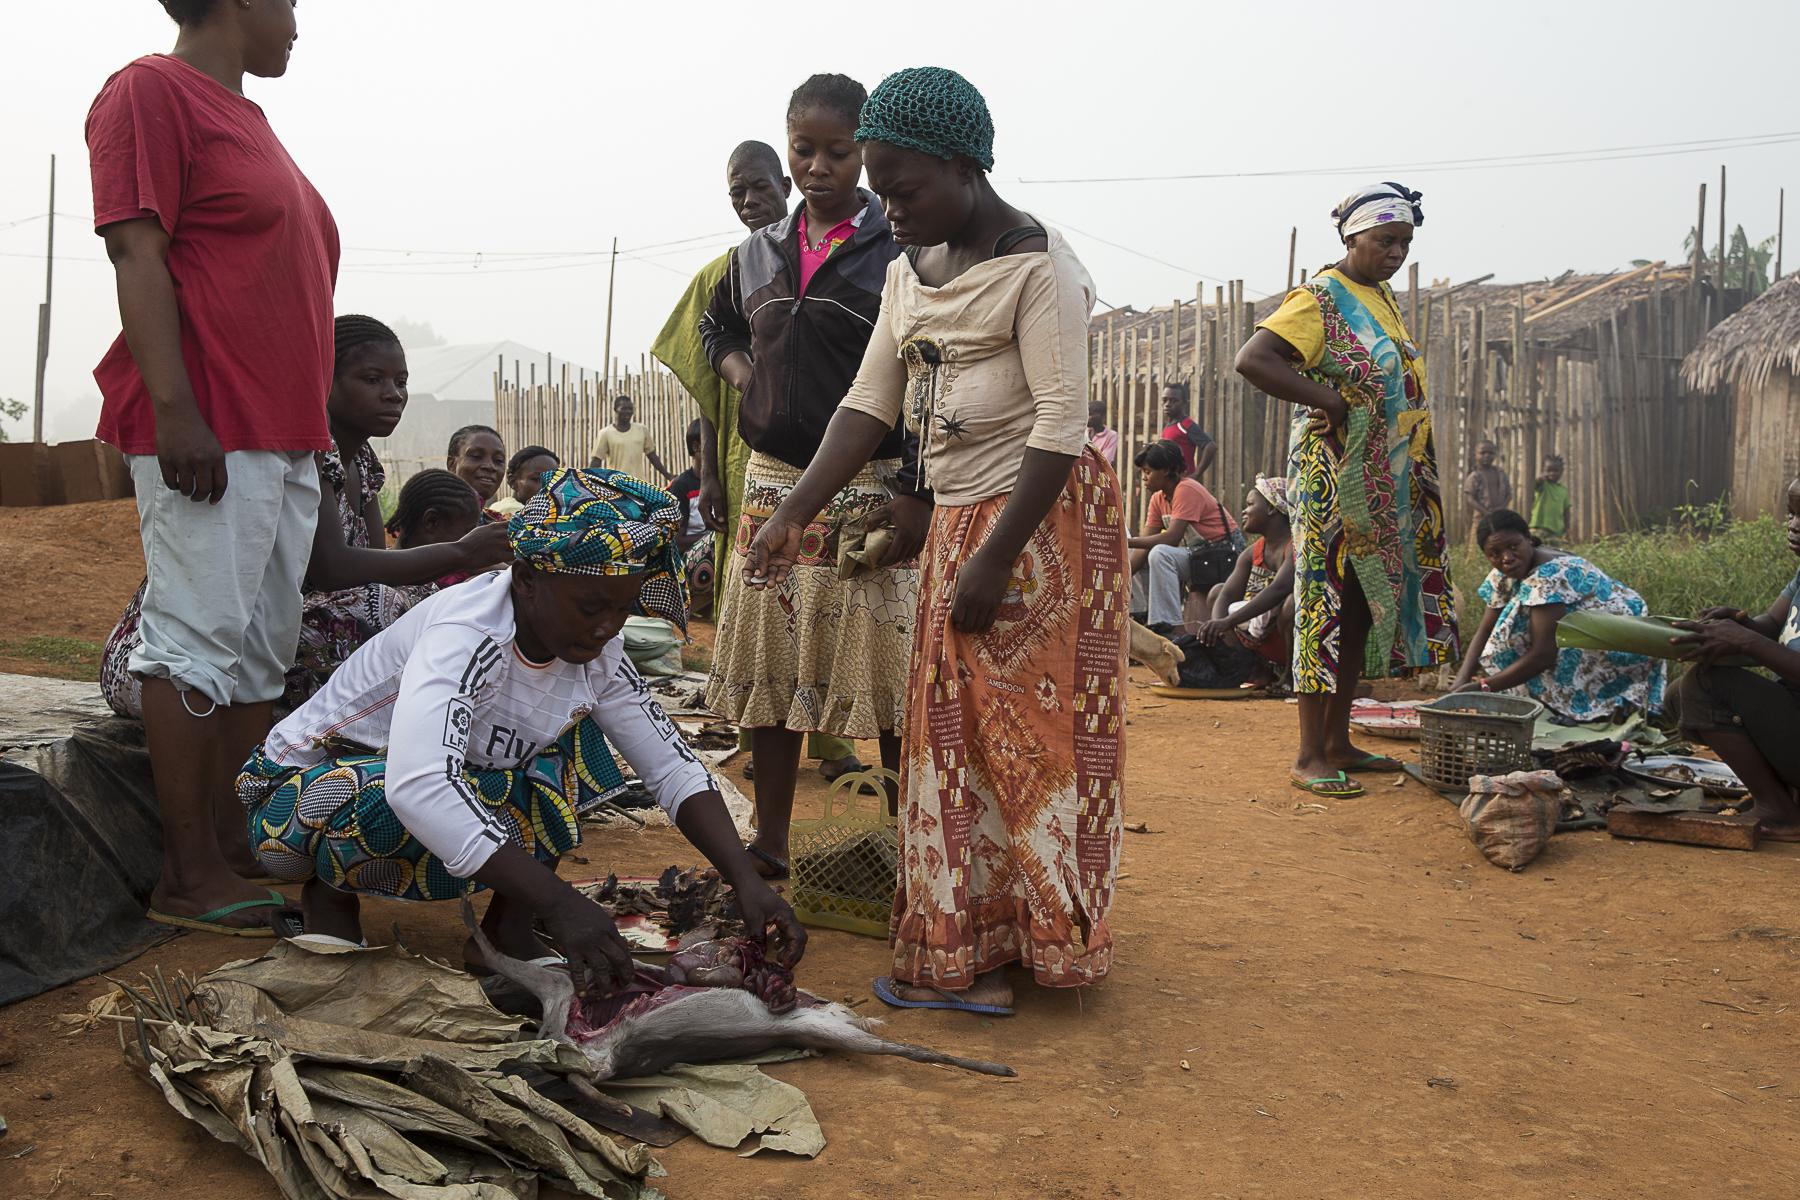 Marchè de viande de brousse tôt le matin dans les faubours de la ville acierie de Liboungo, à 100km du pointzéro.C\'est pour toute une population la seul source de protéines à l\'aquelle ils aient accés.